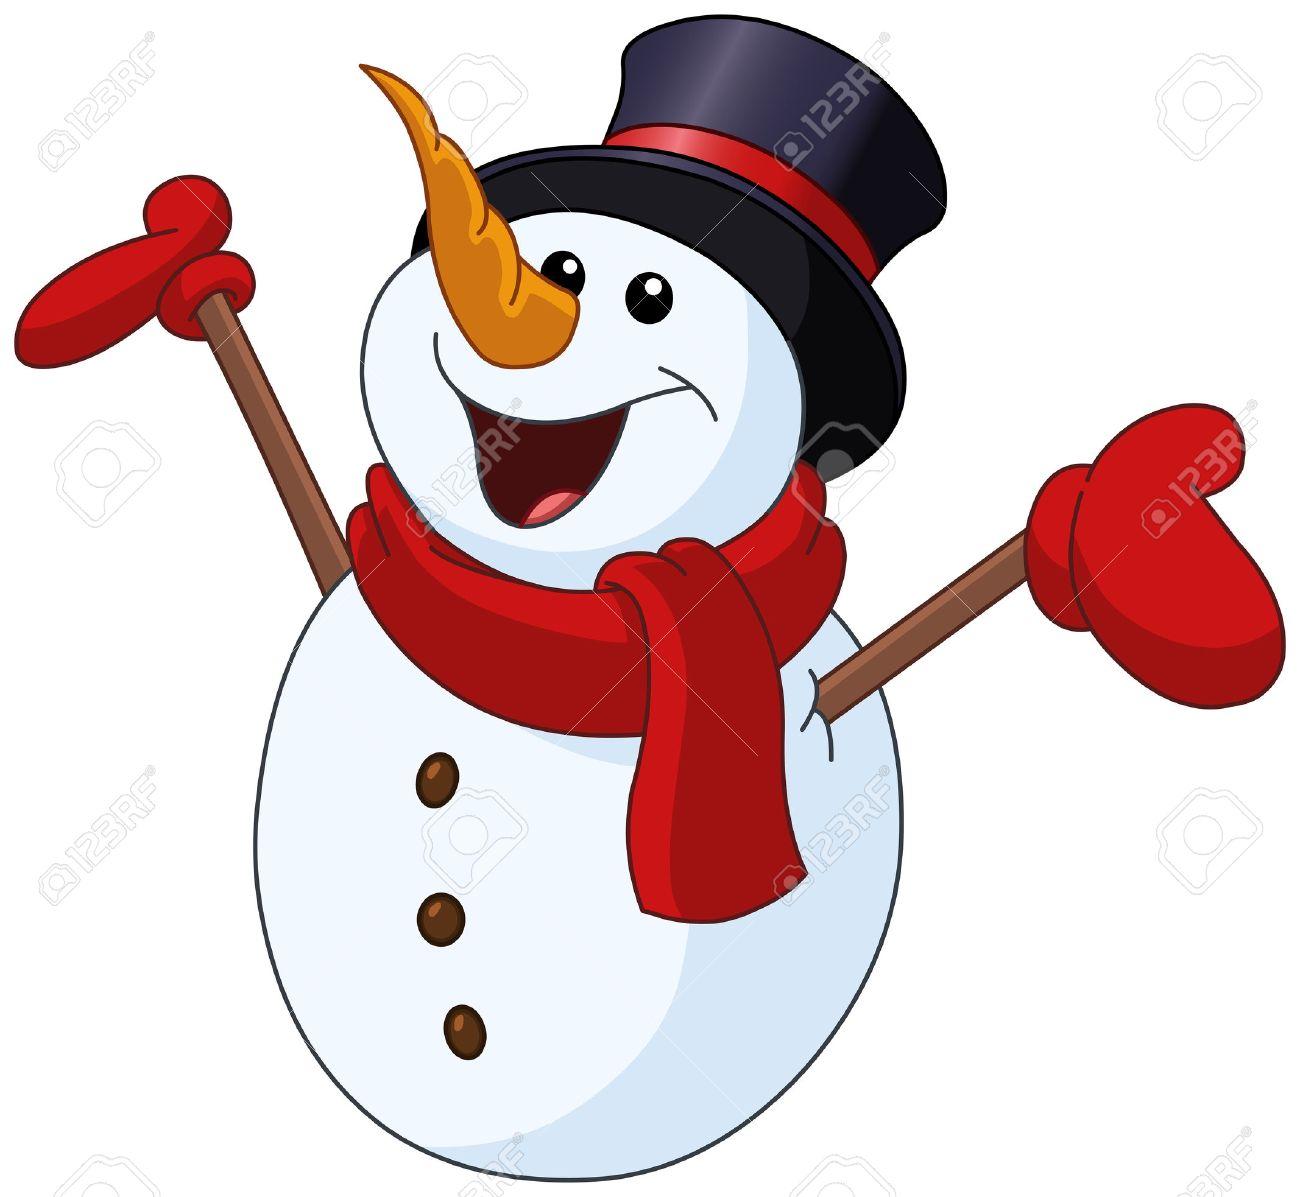 13077 Snowman free clipart.